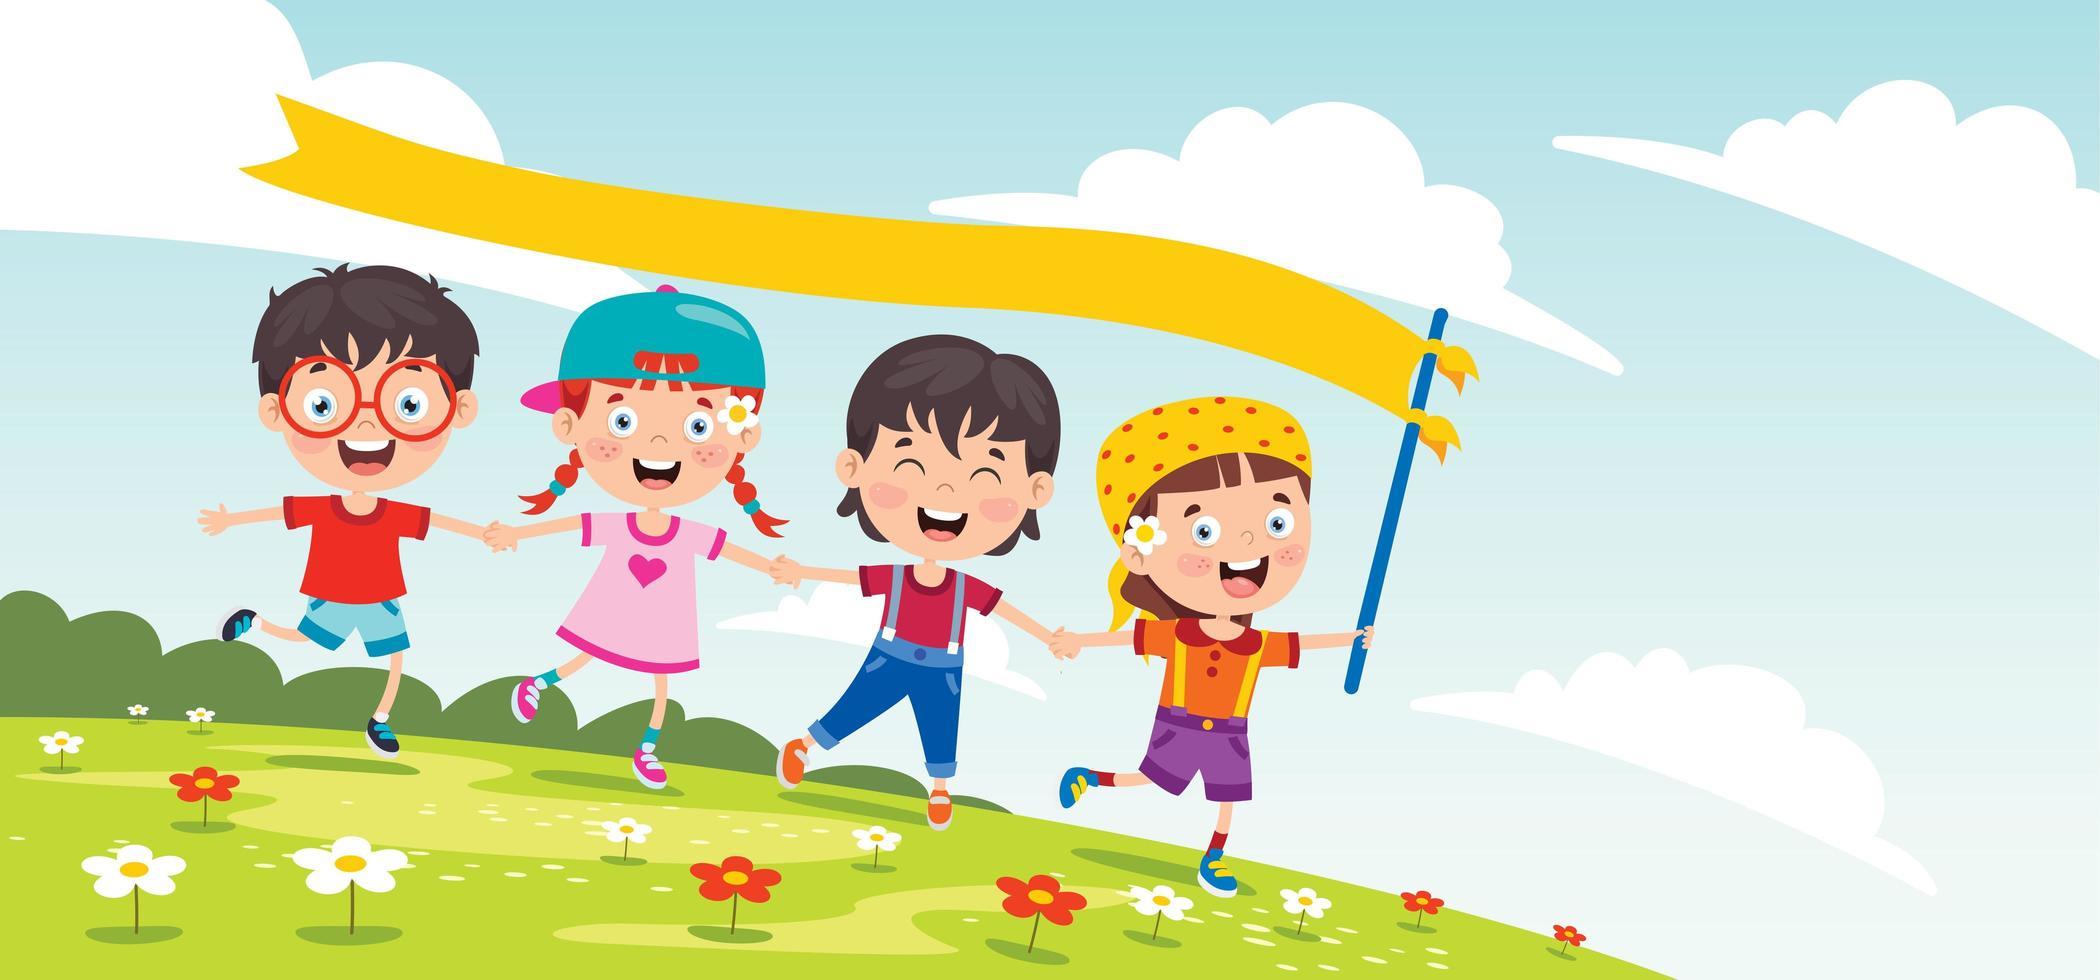 enfants jouant à l'extérieur avec le drapeau de la bannière vecteur